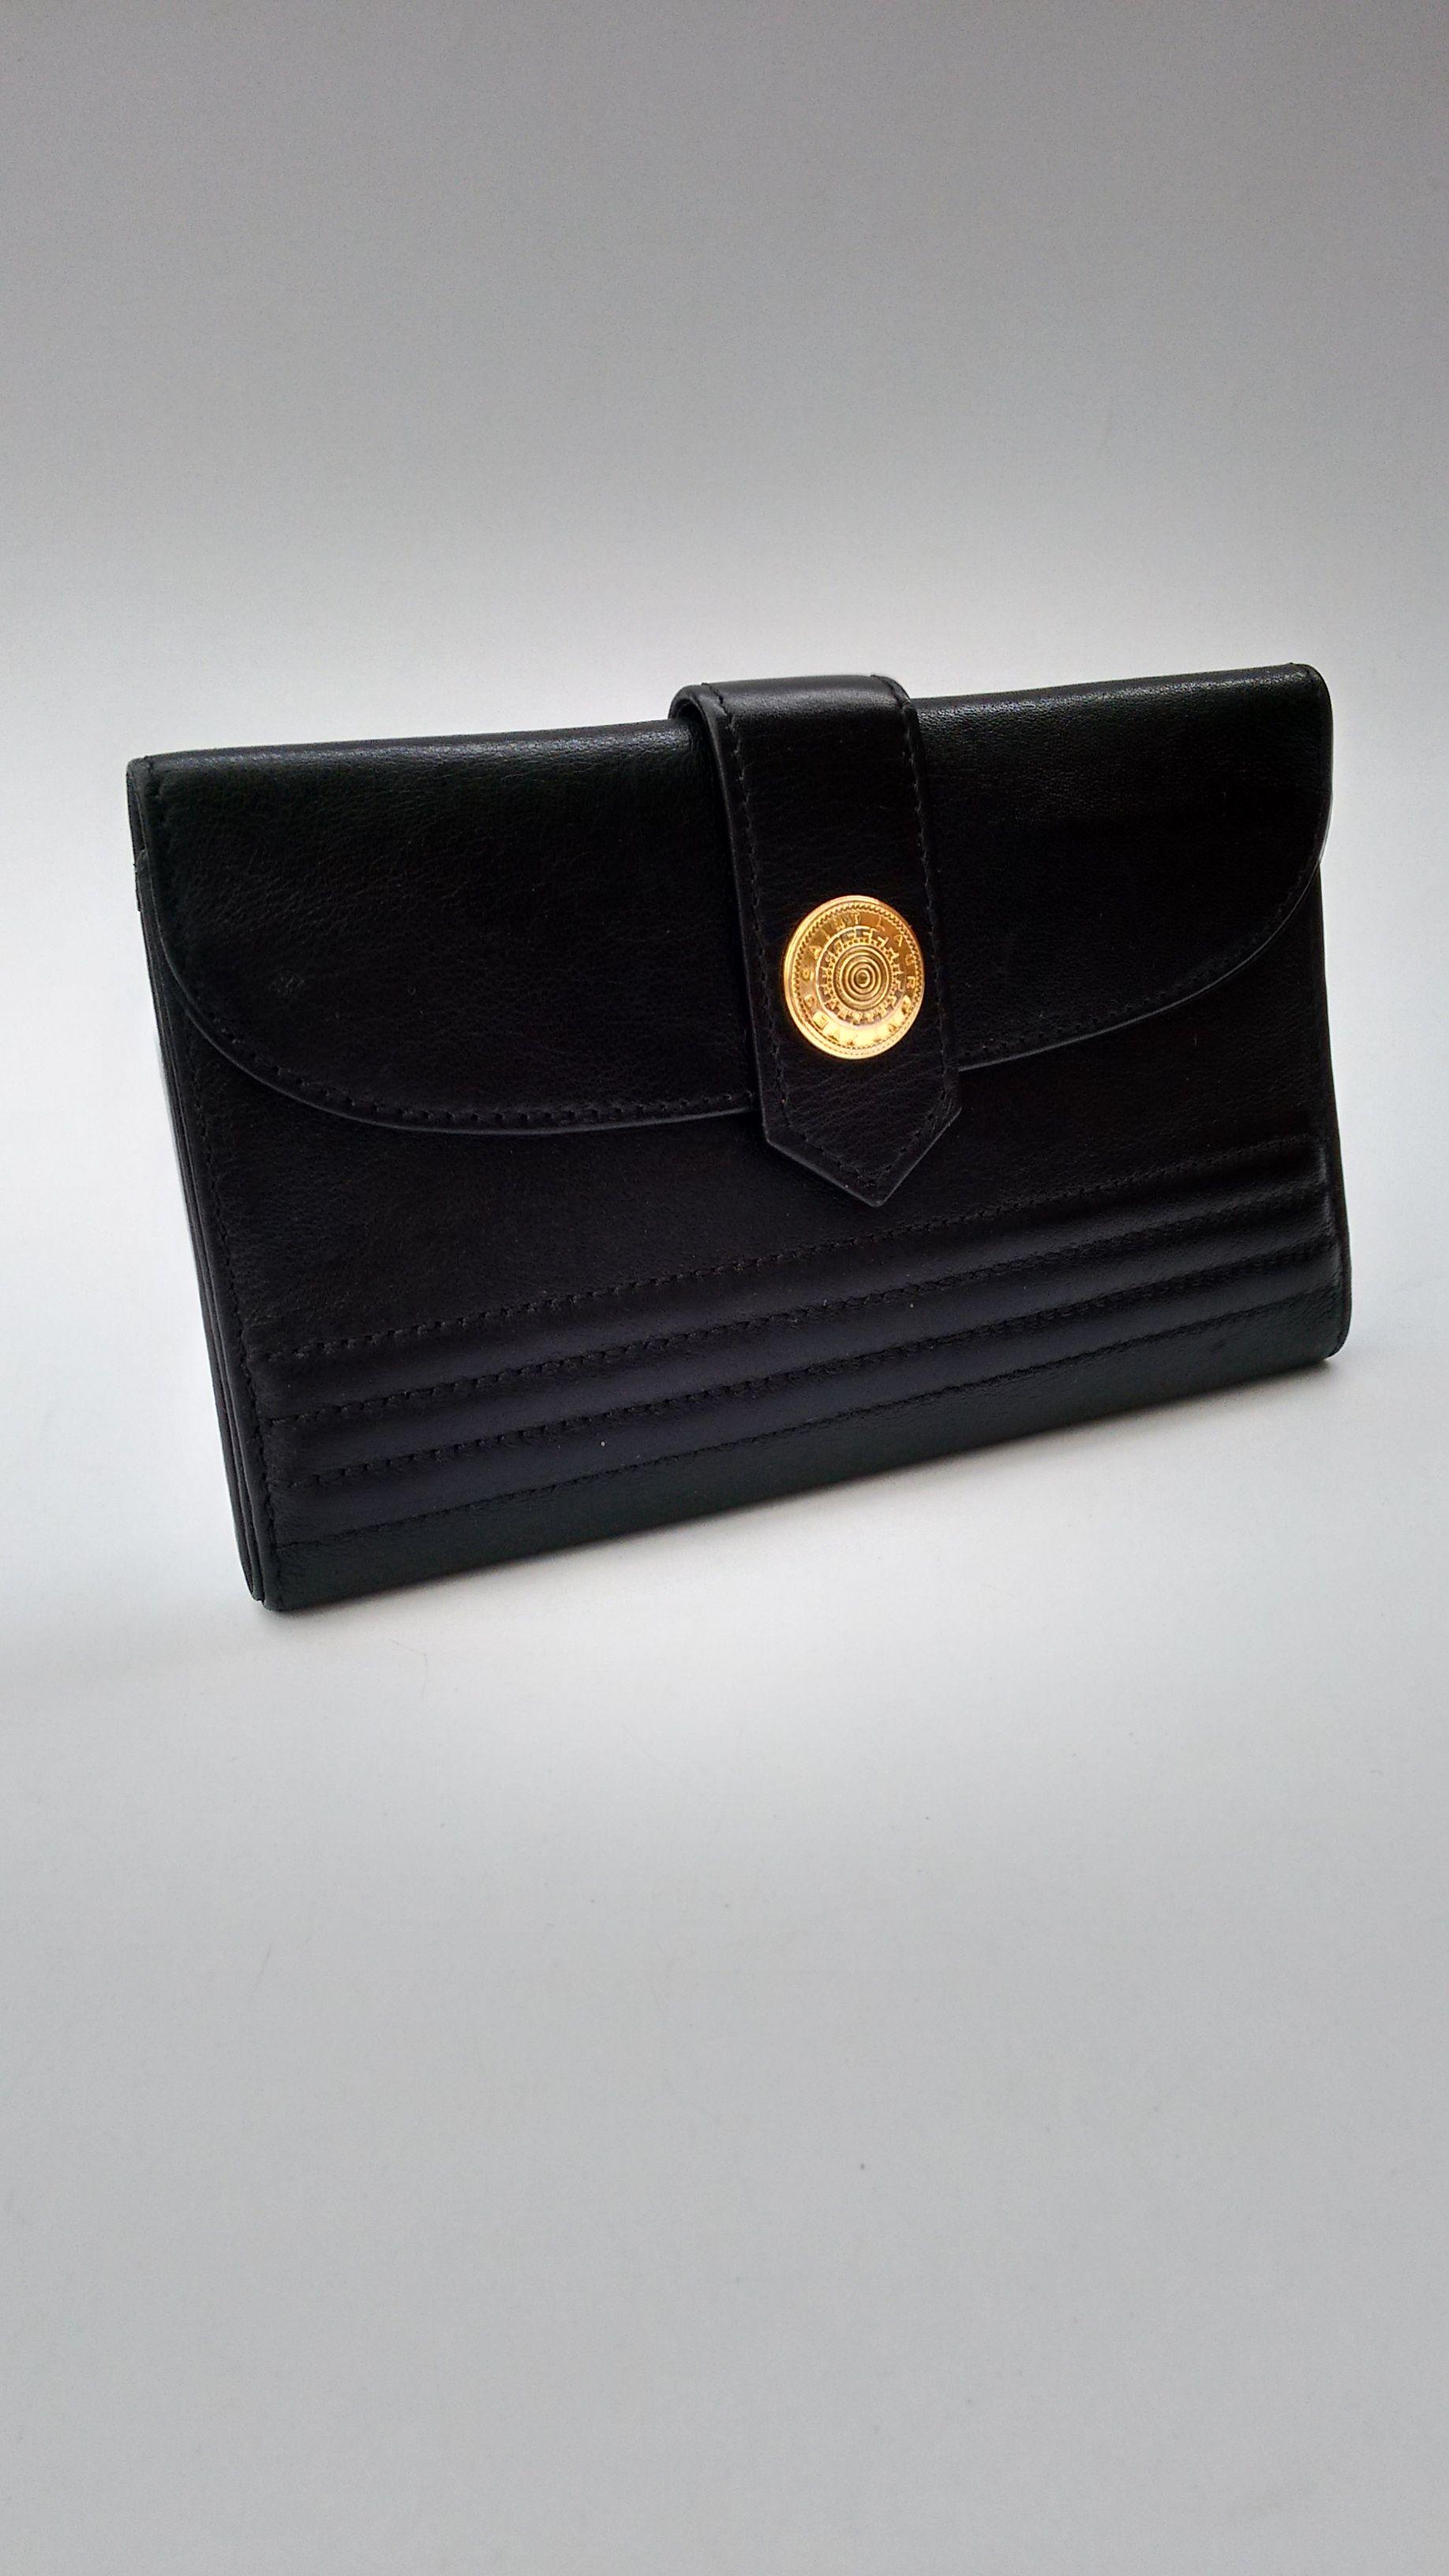 YSL Wallet. Yves Saint Laurent Vintage Black Leather Wallet   Purse  Card  holder. 923078ec0dab2